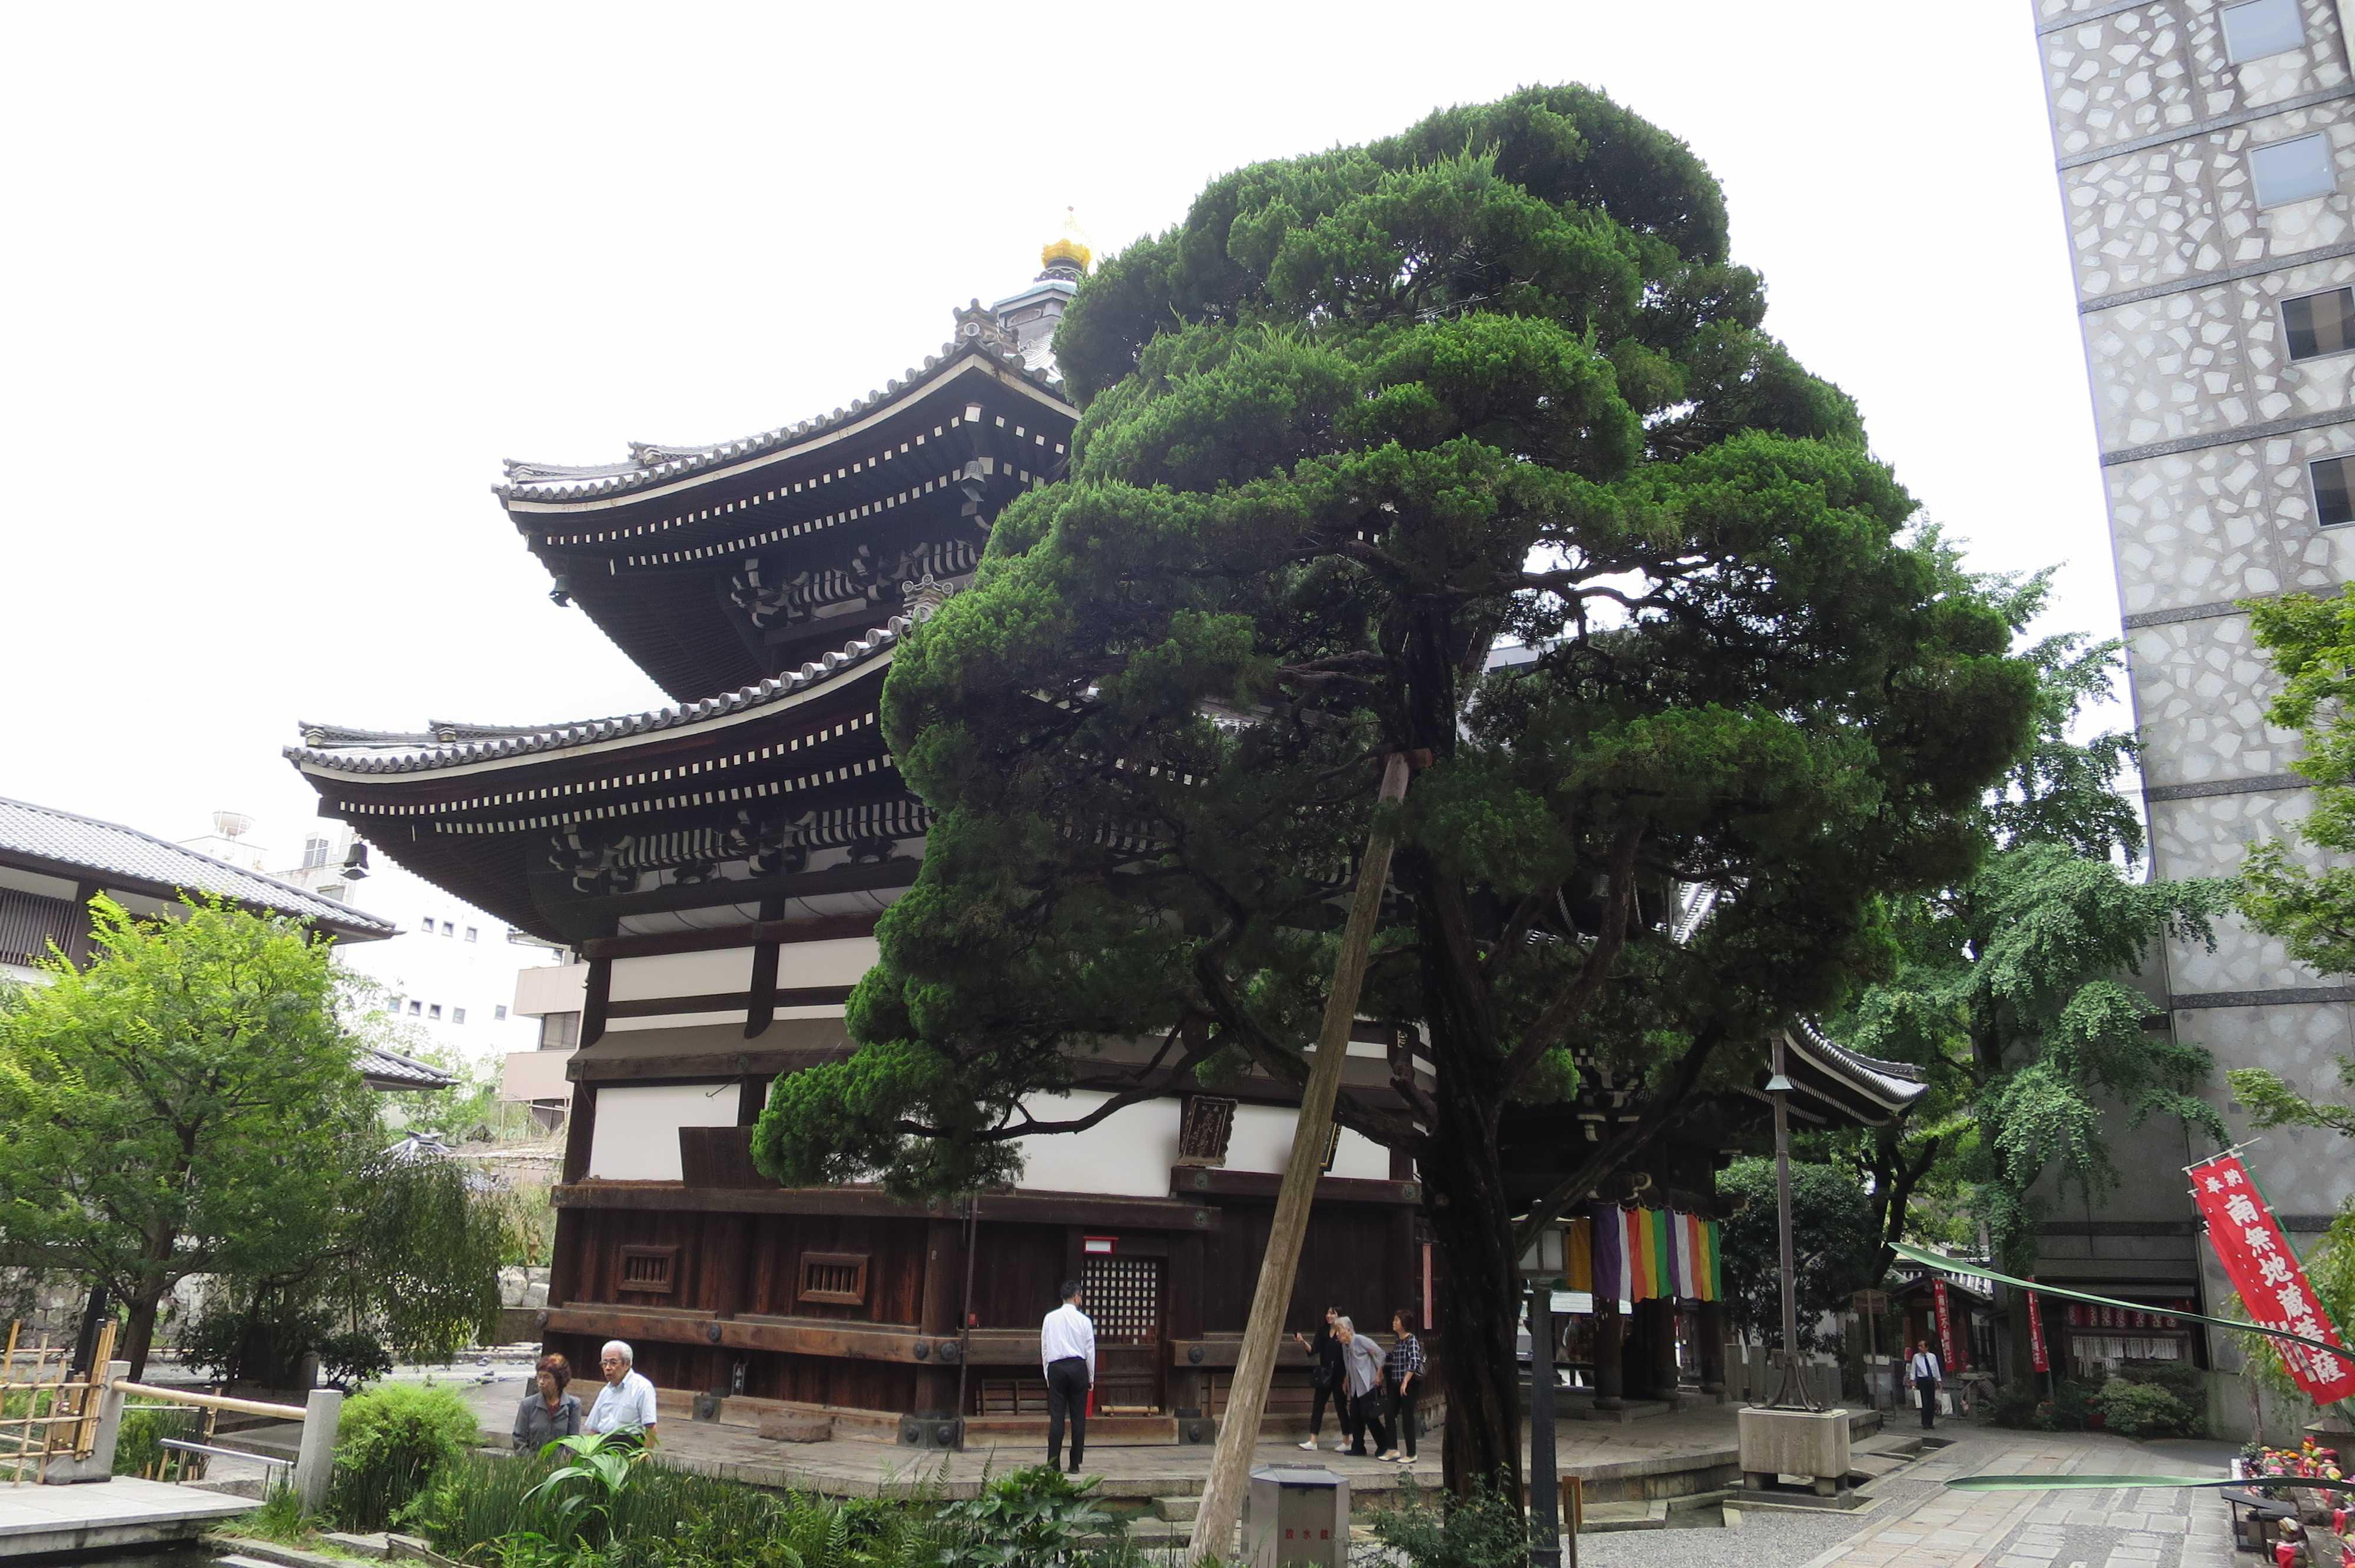 斜めから見た六角堂の本堂(京都市)